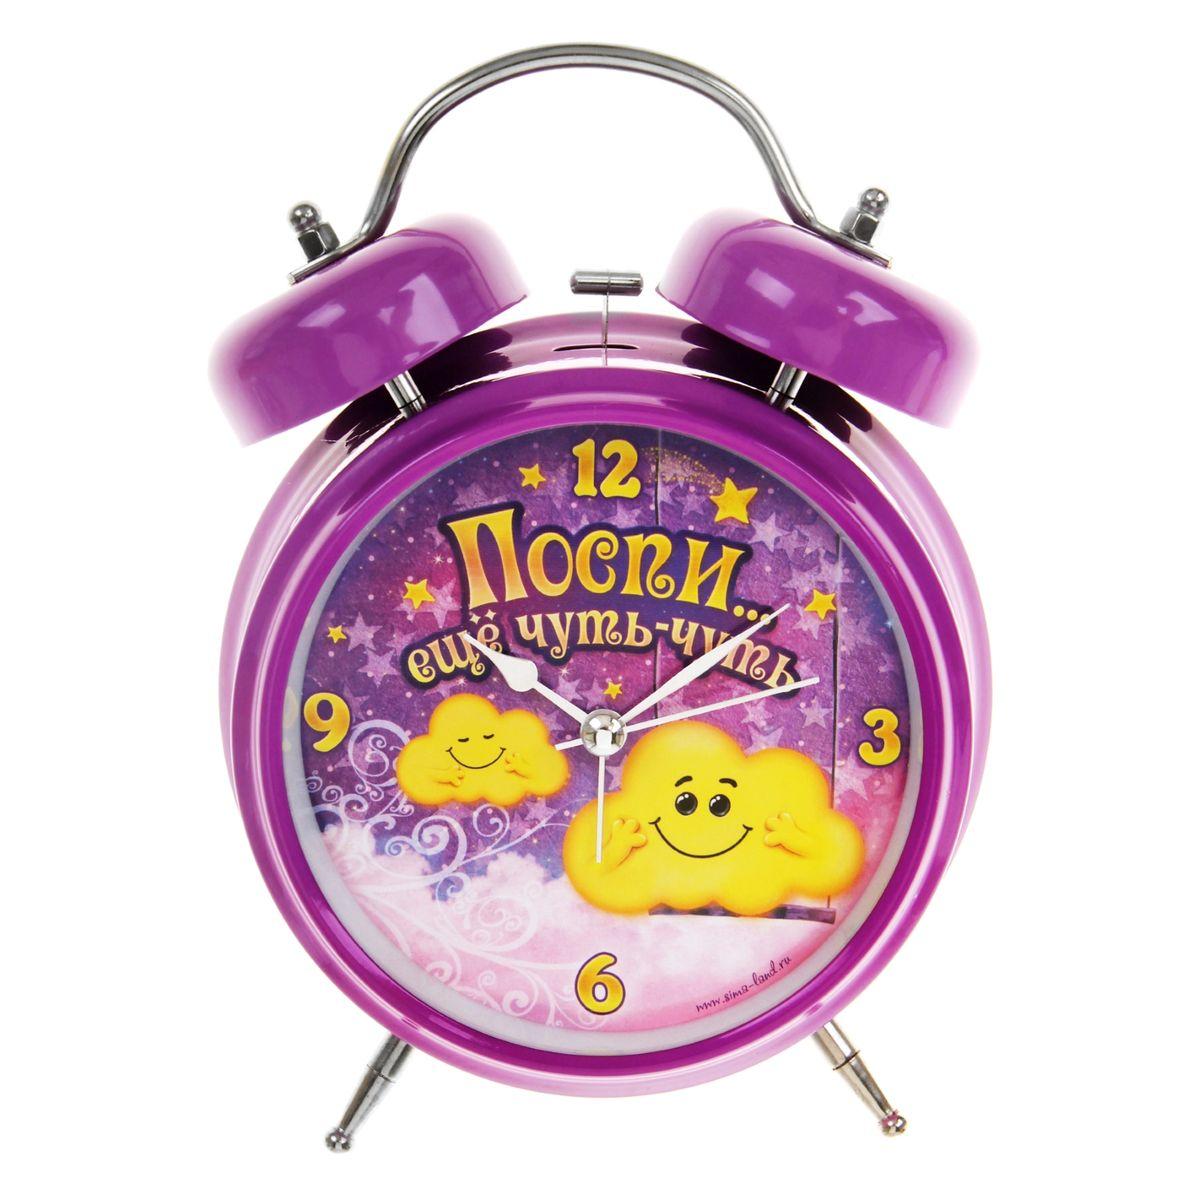 Часы-будильник Sima-land Поспи еще чуть-чуть839687Как же сложно иногда вставать вовремя! Всегда так хочется поспать еще хотябы 5 минут ибывает,что мы просыпаем. Теперь этого не случится! Яркий, оригинальный будильникSima-land Поспи еще чуть-чуть поможет вам всегдавставать в нужное время и успевать везде и всюду. Такой будильник также станет прекрасным подарком.На задней панели будильника расположеныпереключатель включения/выключения механизма и два колесика для настройкитекущего времени и времени звонка будильника. Также будильник оснащенкнопкой, при нажатии и удержании которой подсвечивается циферблат. Будильник работает от 1 батарейки типа AA напряжением 1,5V (не входит вкомплект).